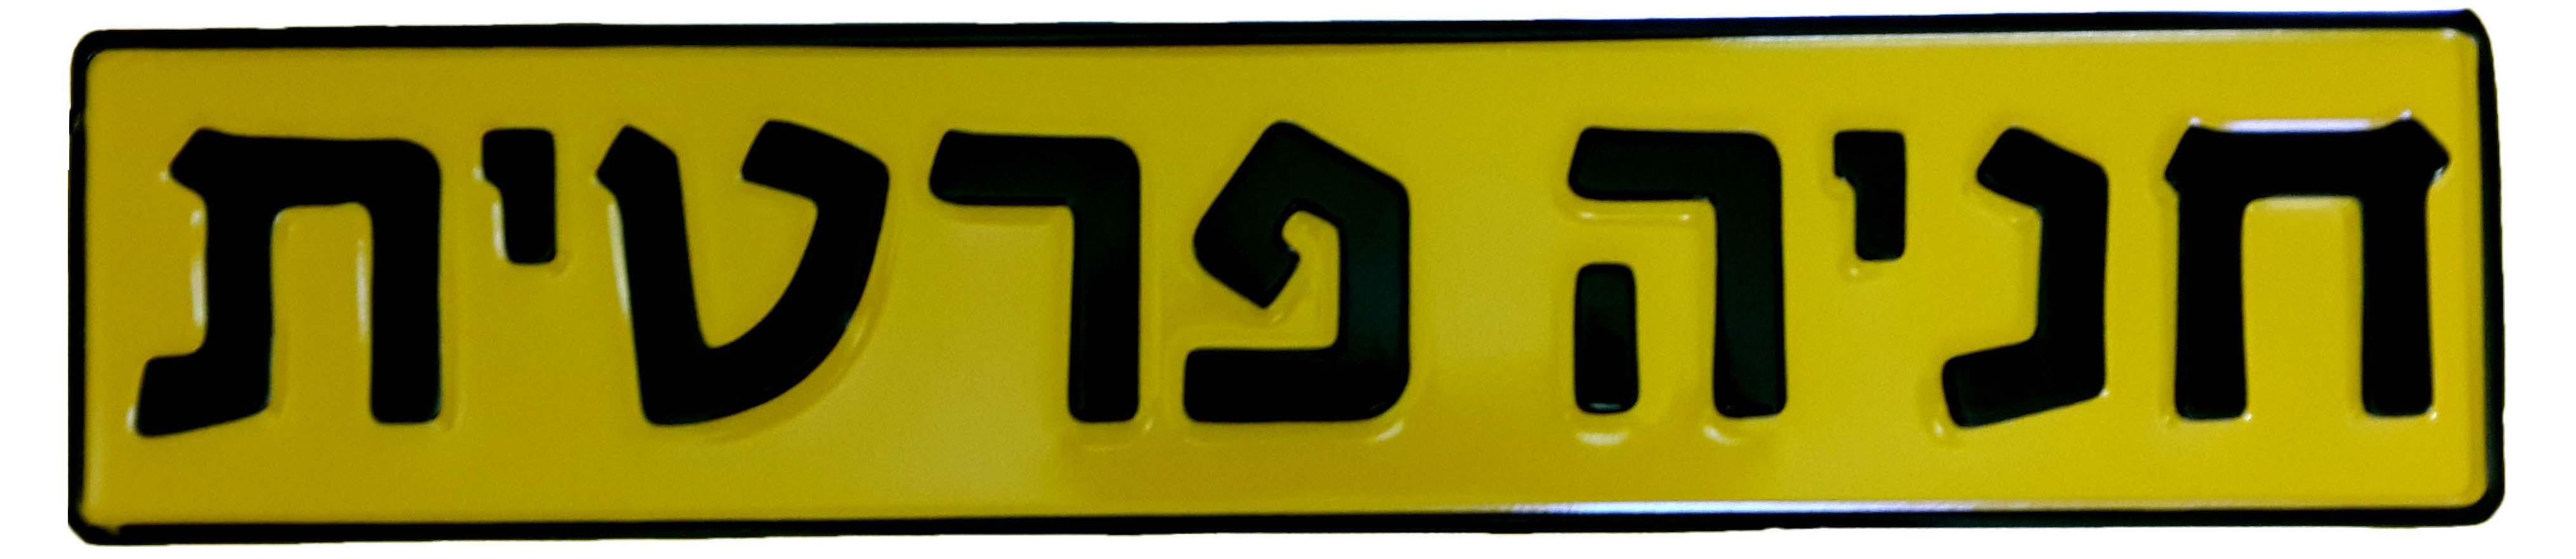 שלט לוחית רישוי חניה פרטית מוטבע מאלומיניום 12/52 ס''מ